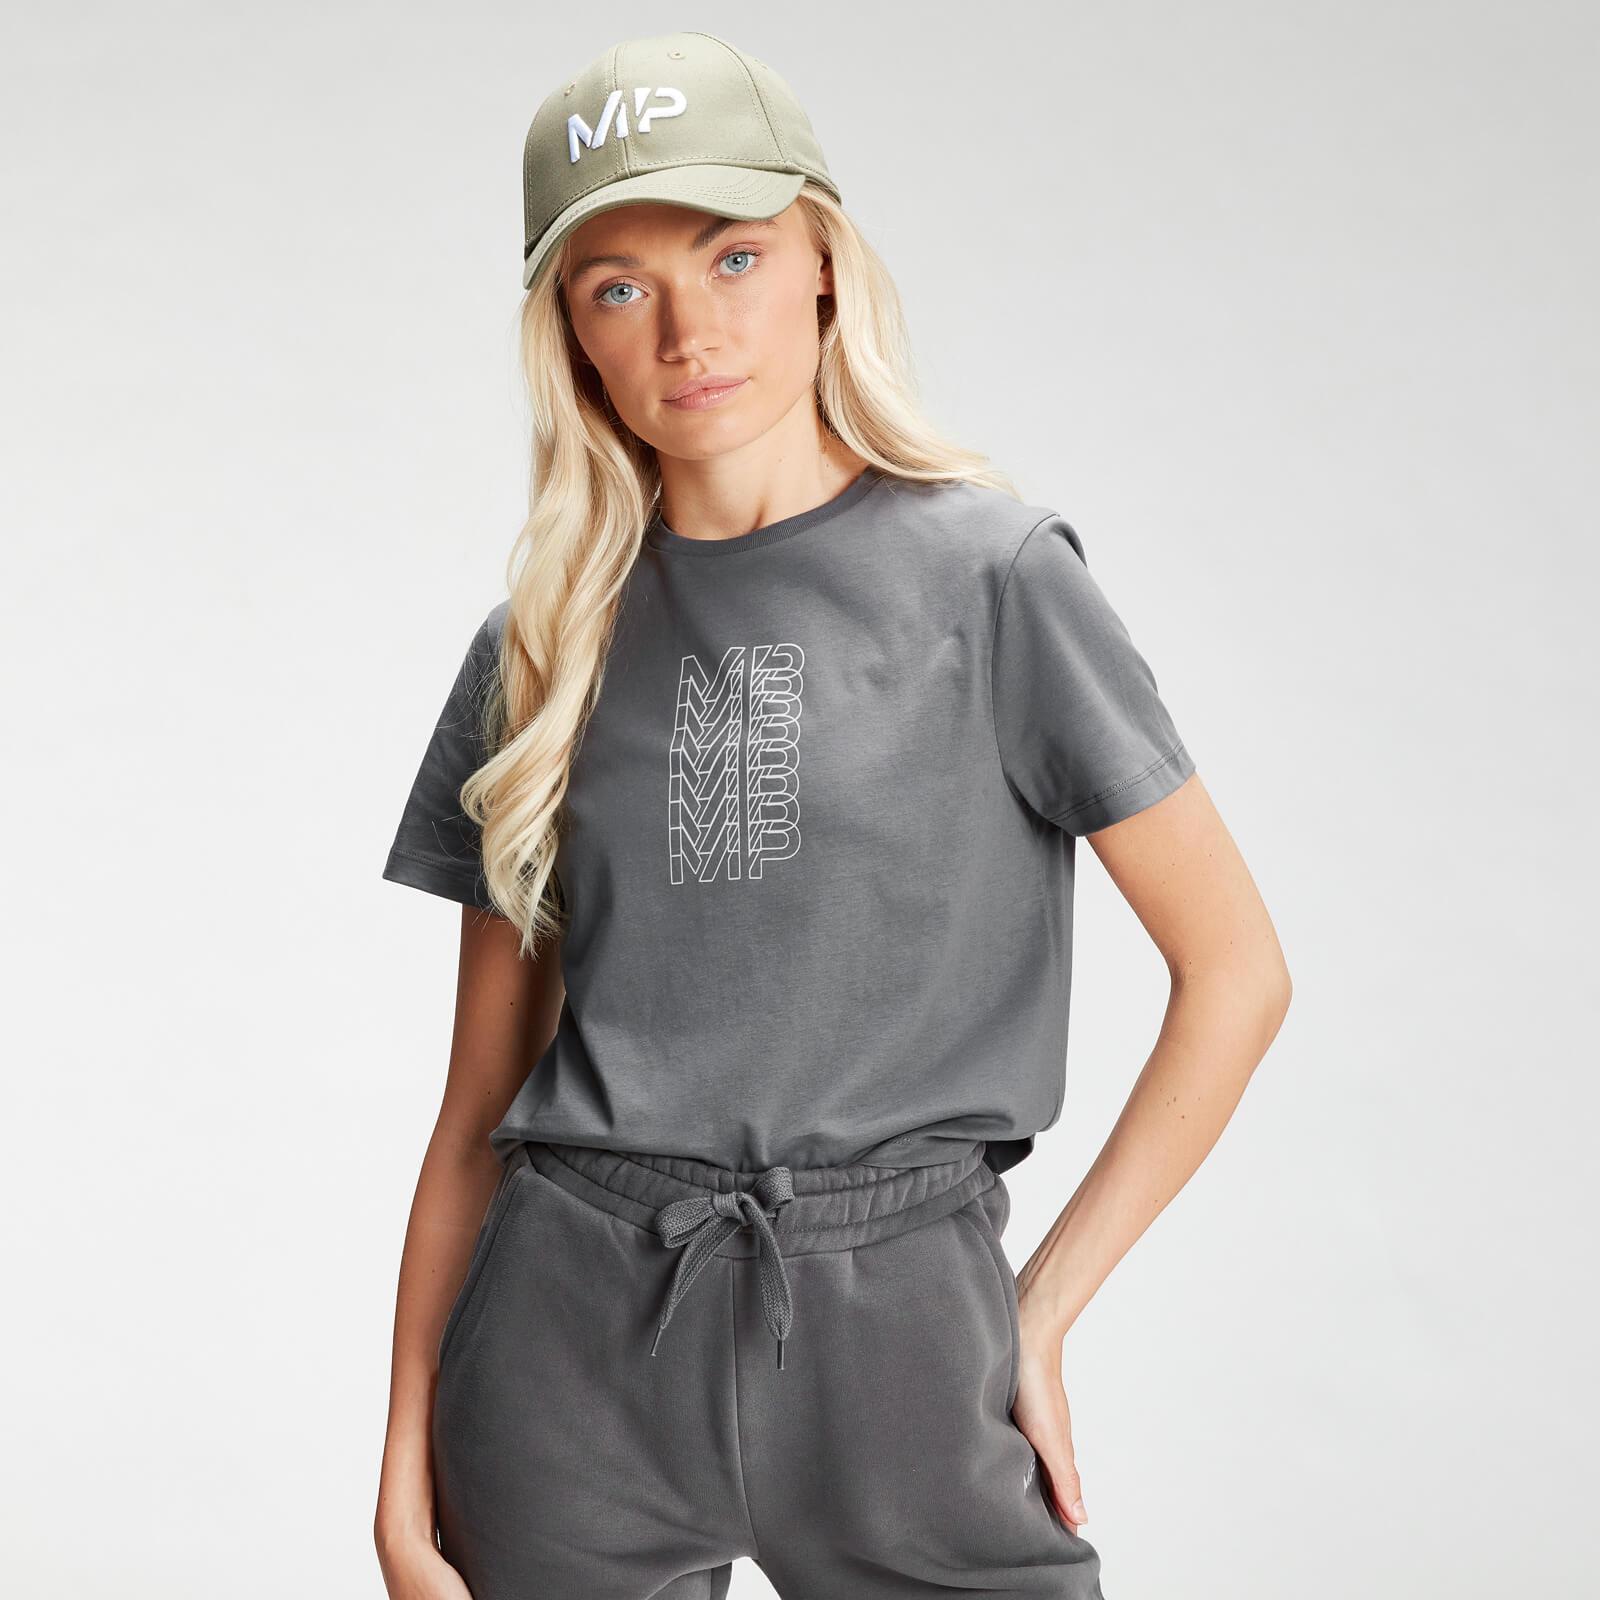 Купить MP Women's Repeat MP Crop T-Shirt - Carbon - XXL, Myprotein International